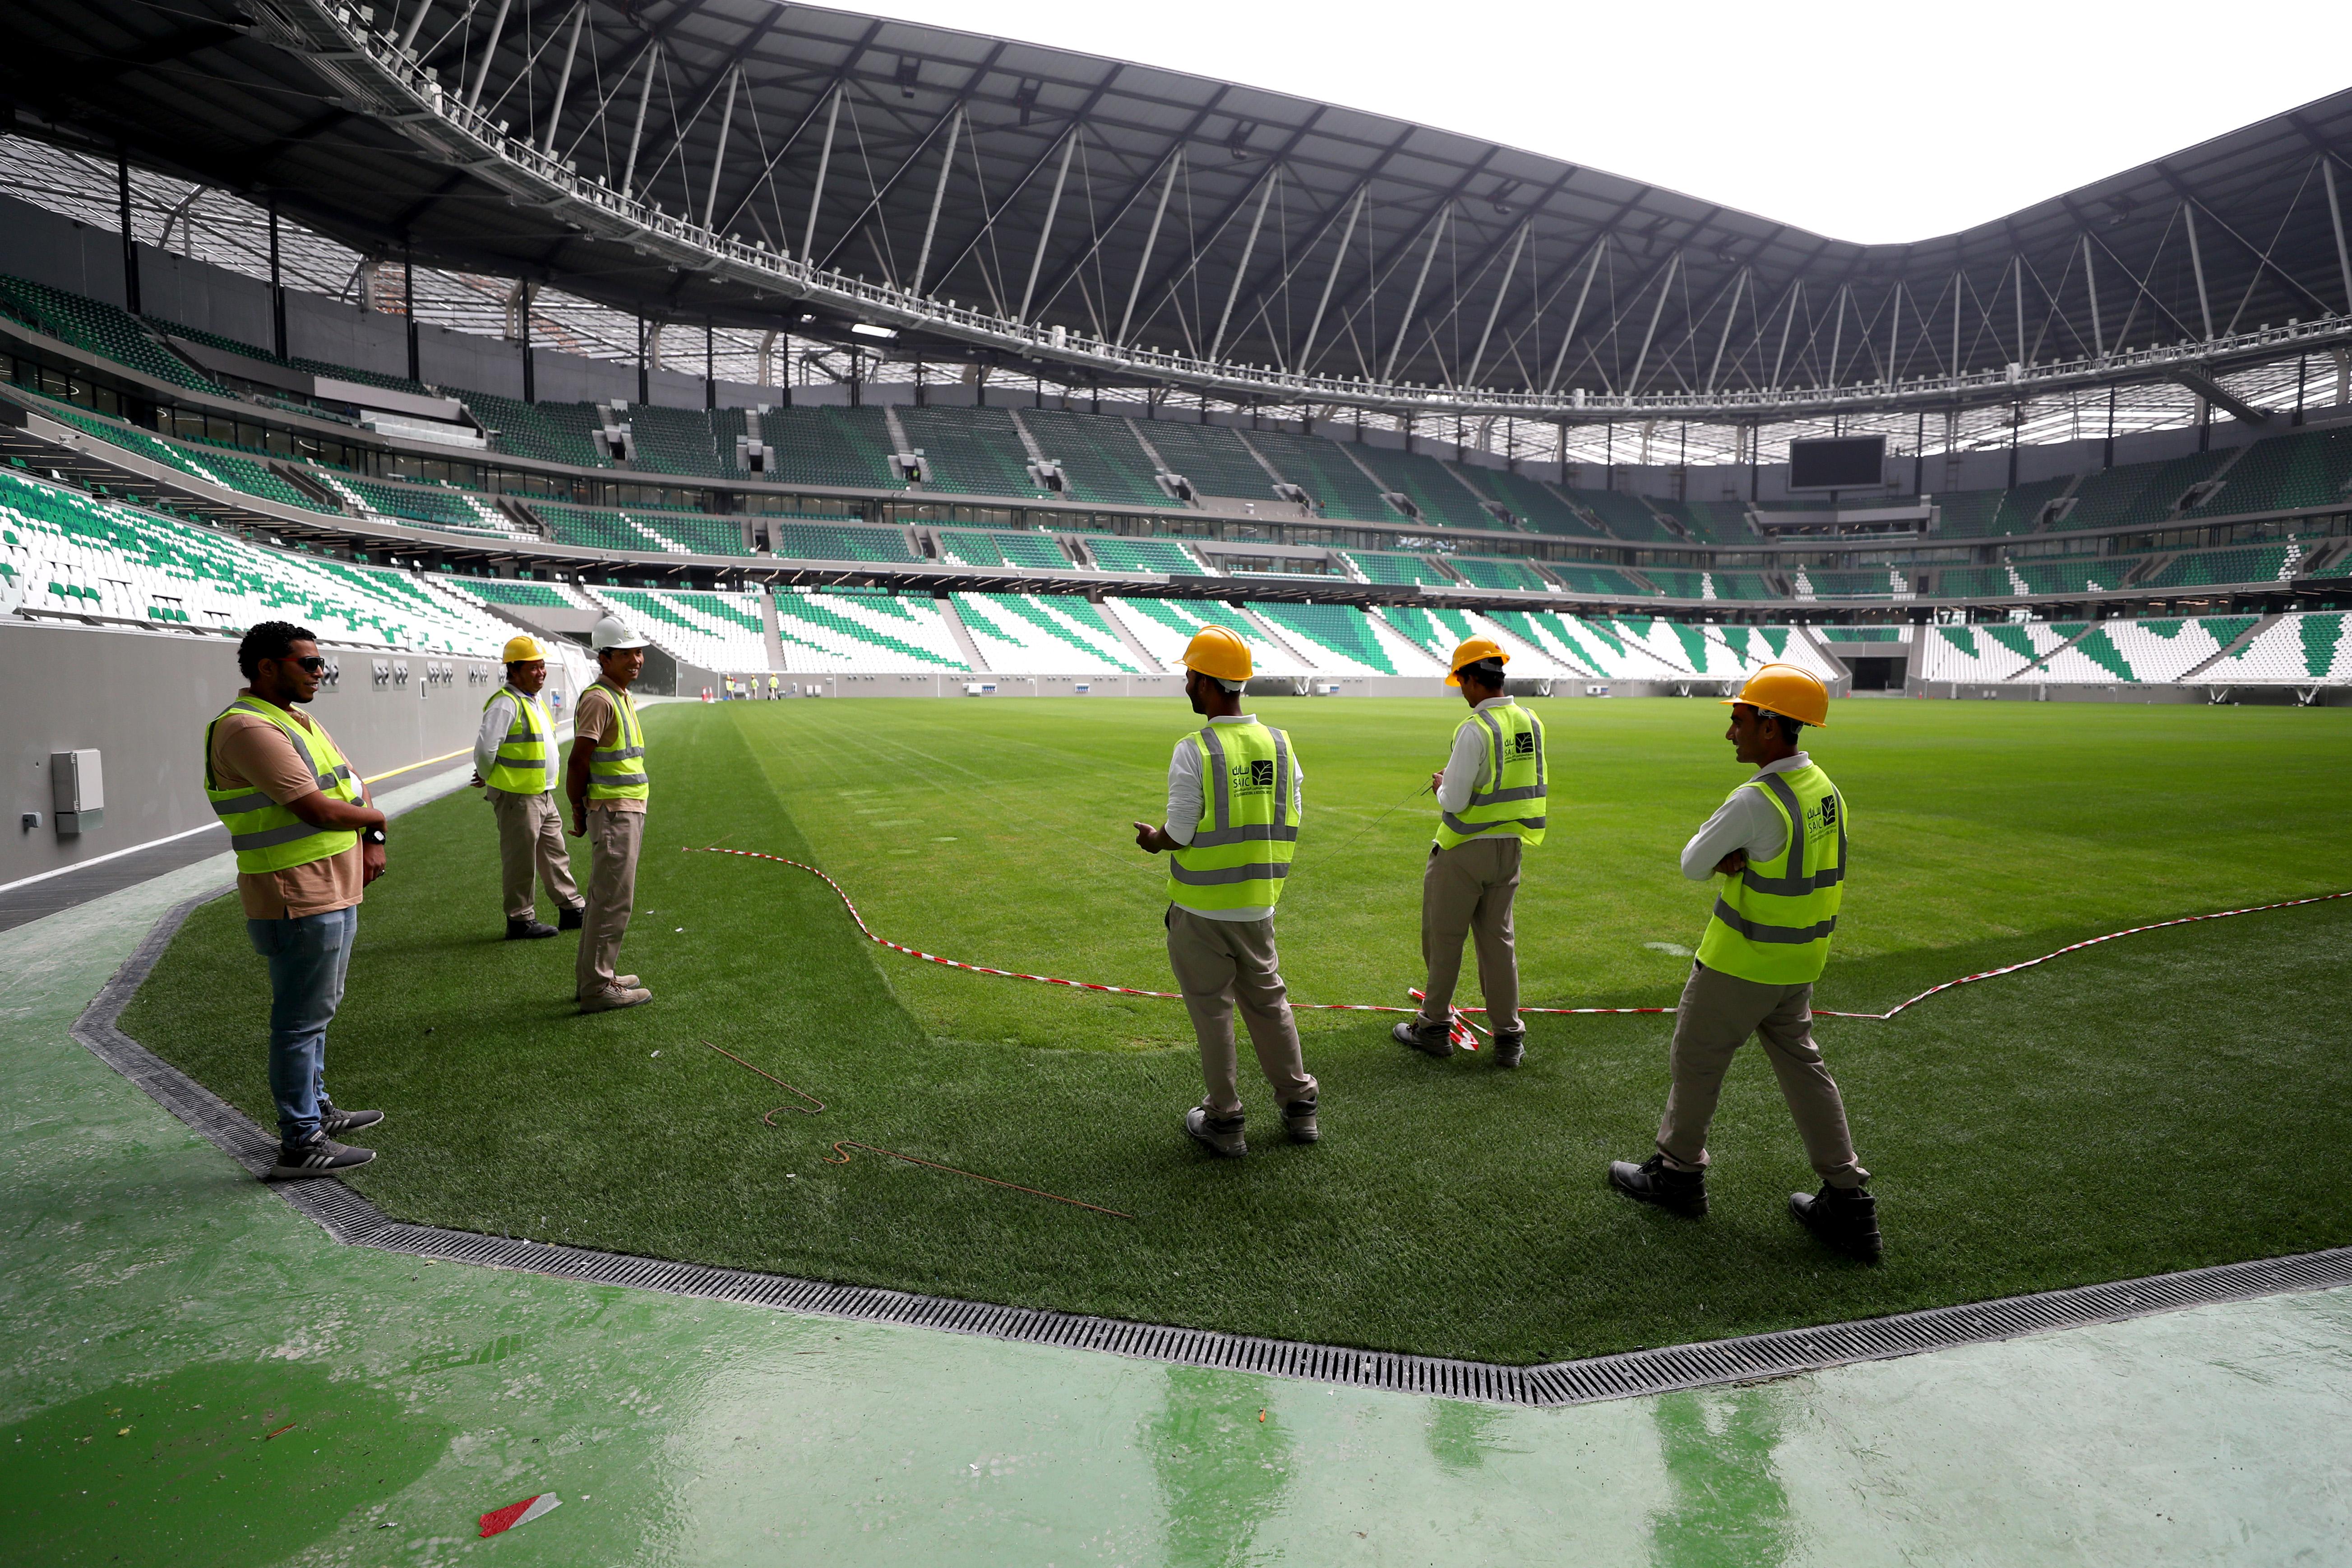 在2022年国际机构世界杯前面,多哈的教育城市体育场媒体之旅